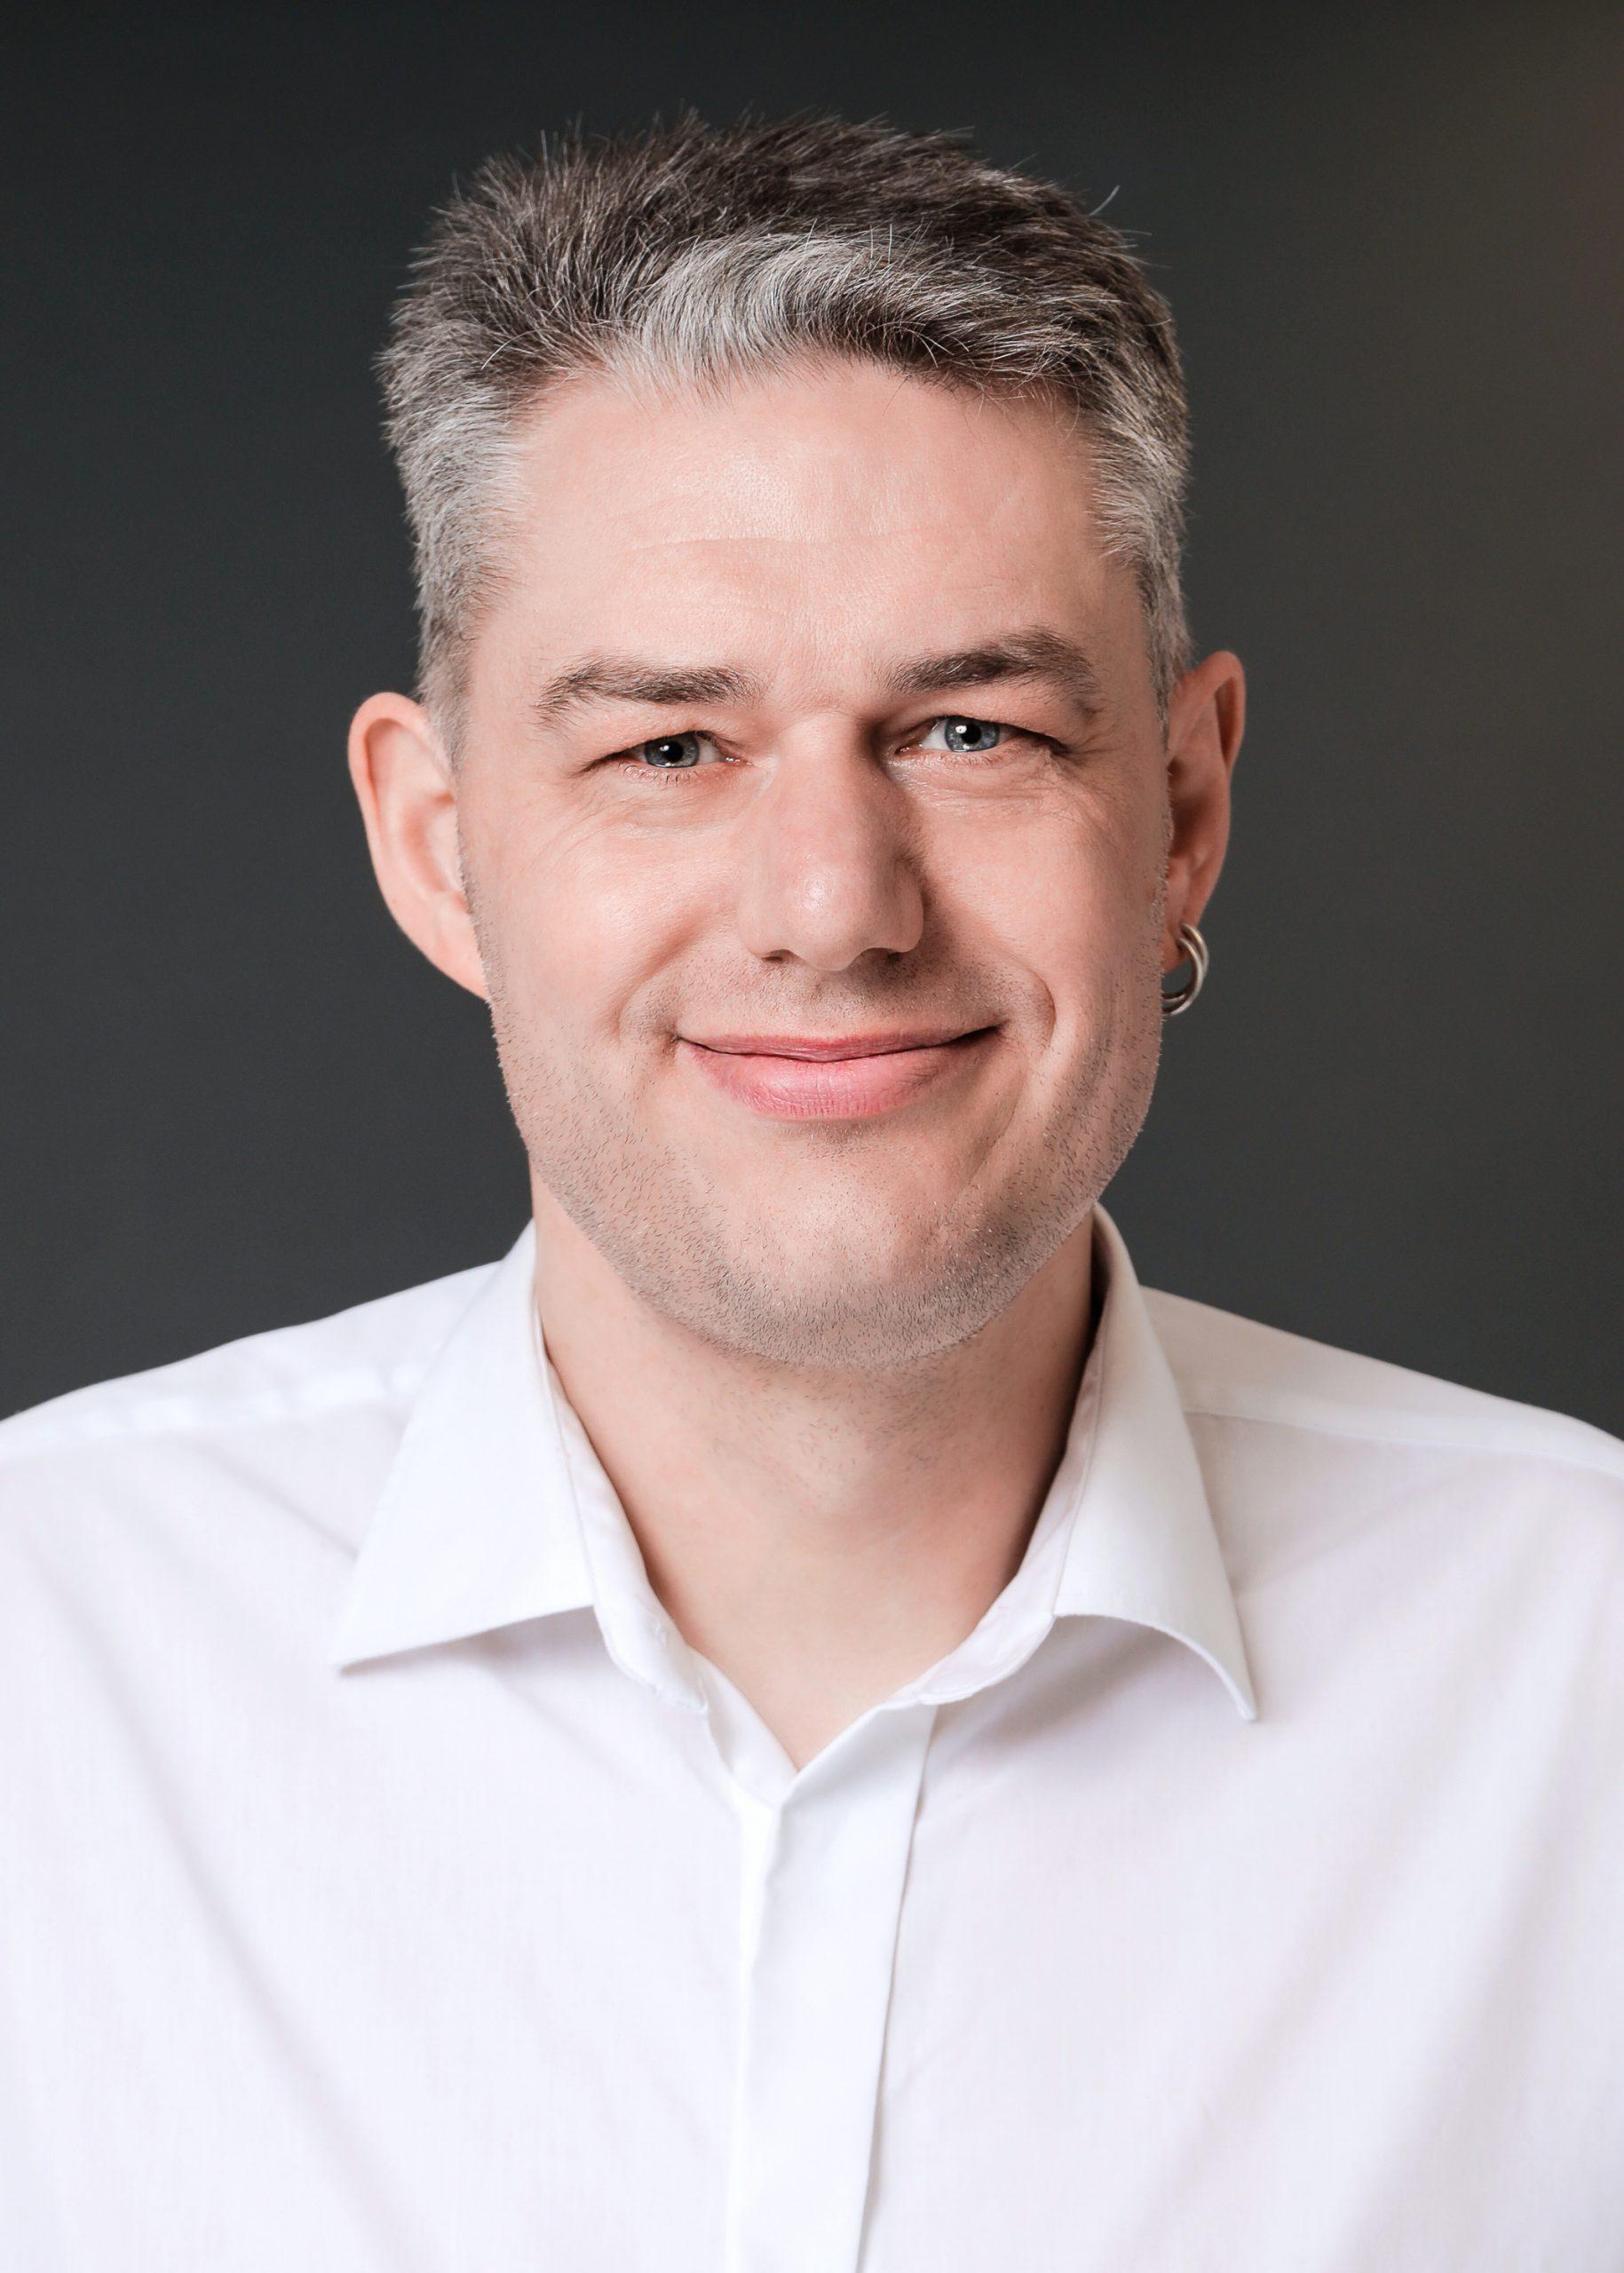 Michael Zeiler